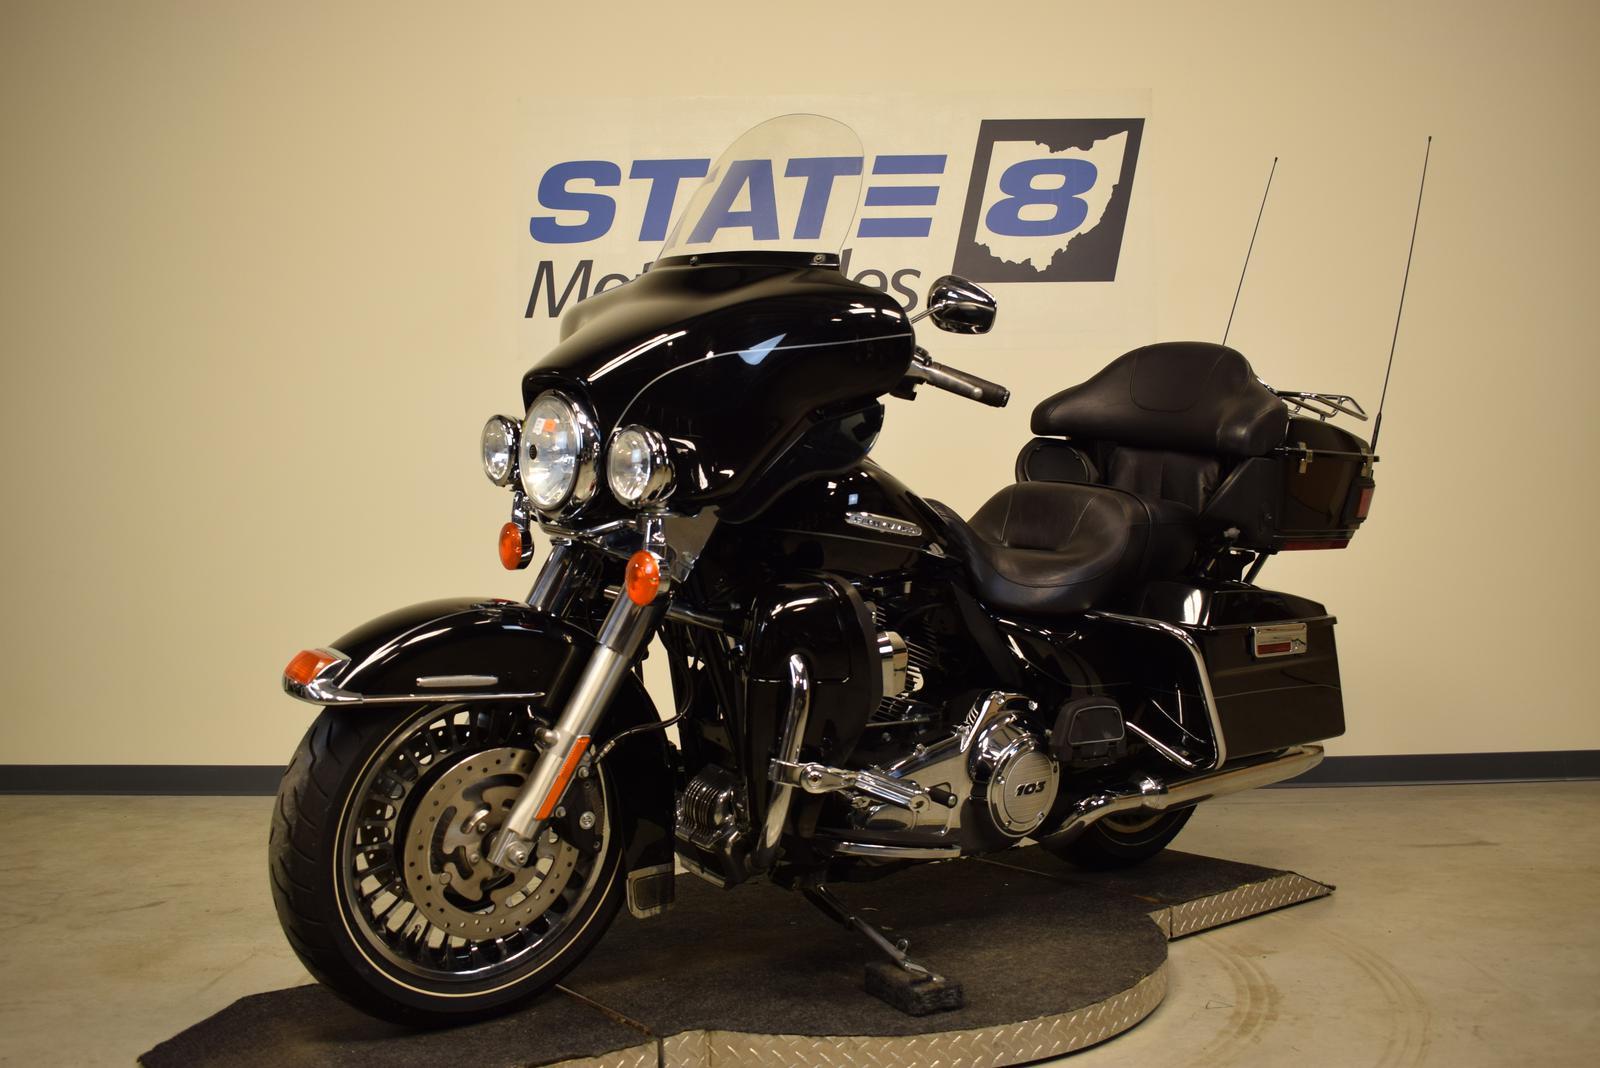 2013 Harley-Davidson® FLHTK - ELECTRA GLIDE ULTRA LIMITED